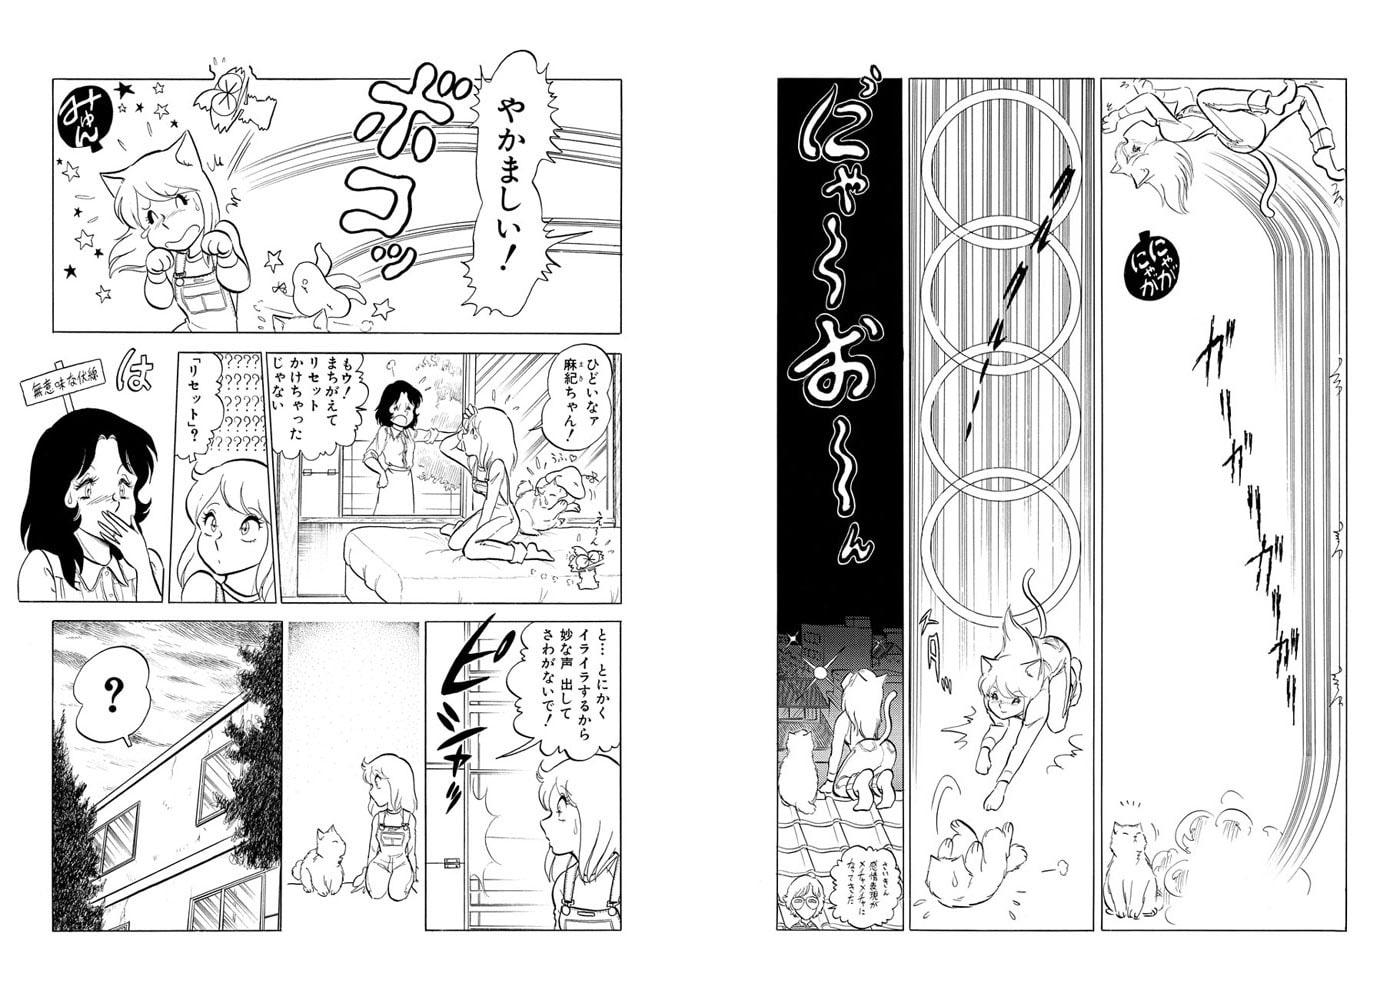 ネコじゃないモン! (8)